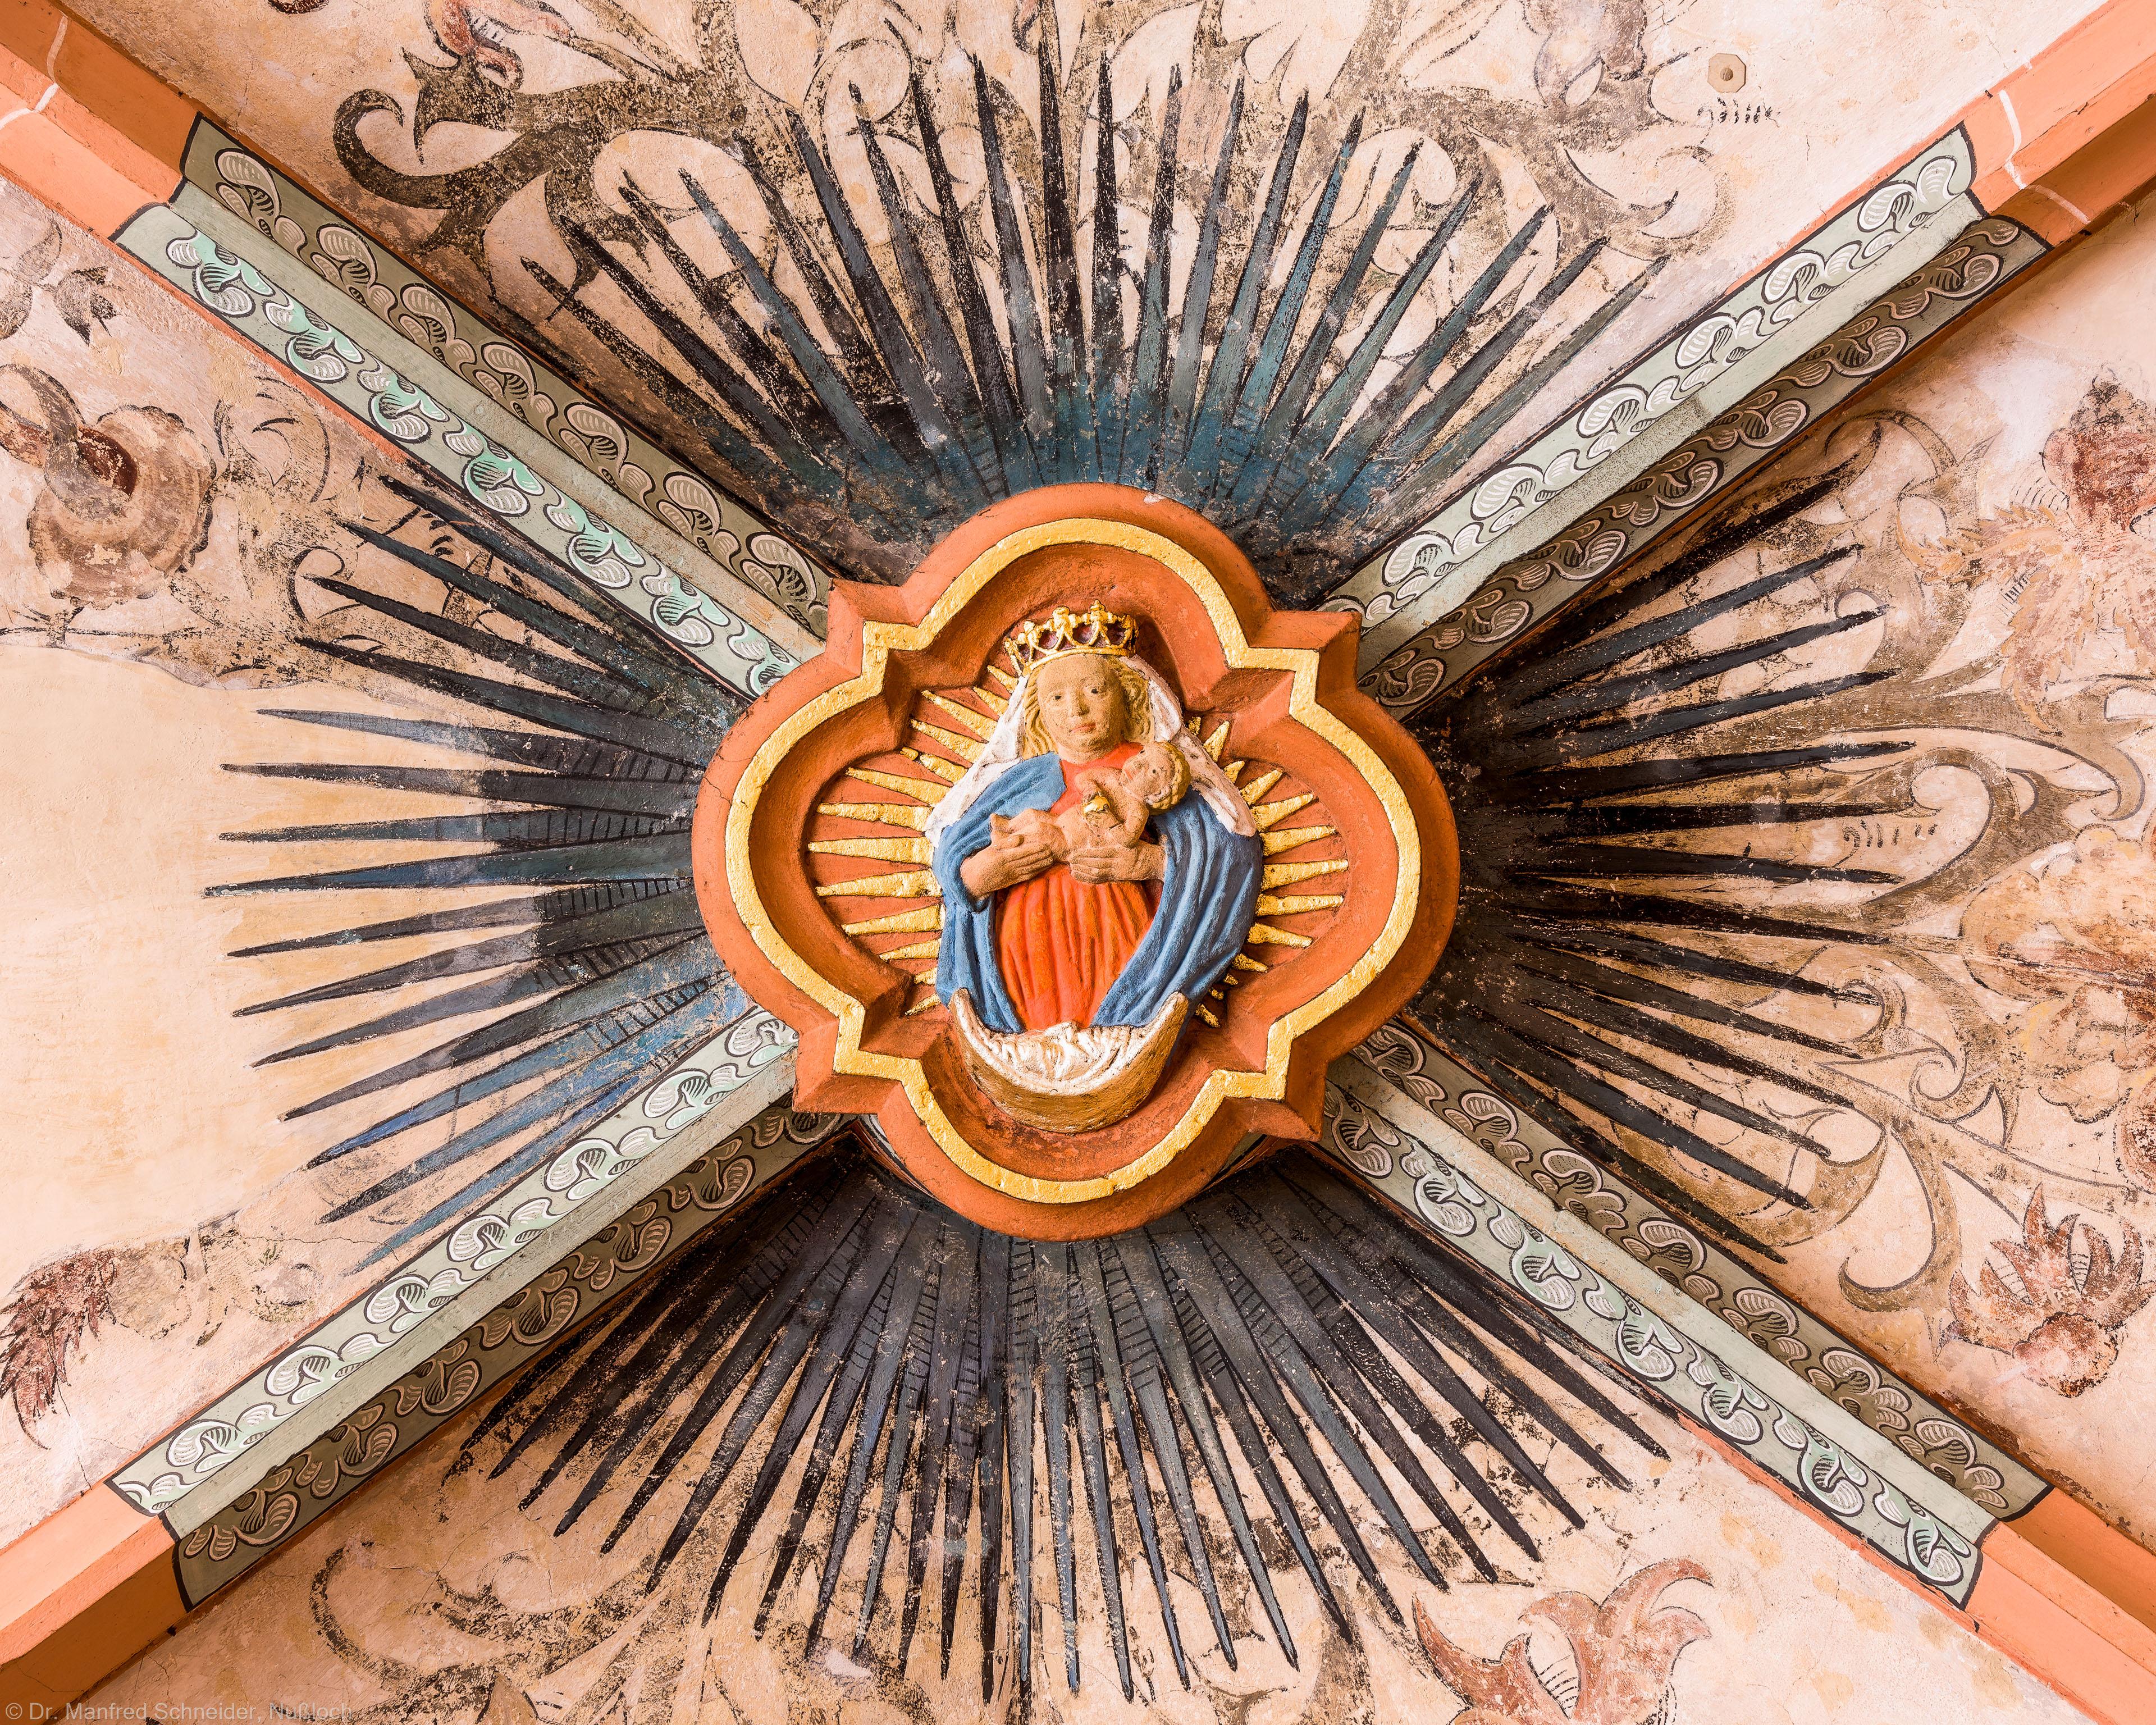 Heidelberg - Heiliggeistkirche - Südschiff - Schlußstein mit Strahlenkranz, 6. Joch, von Westen aus gezählt (aufgenommen im April 2015, am späten Nachmittag)